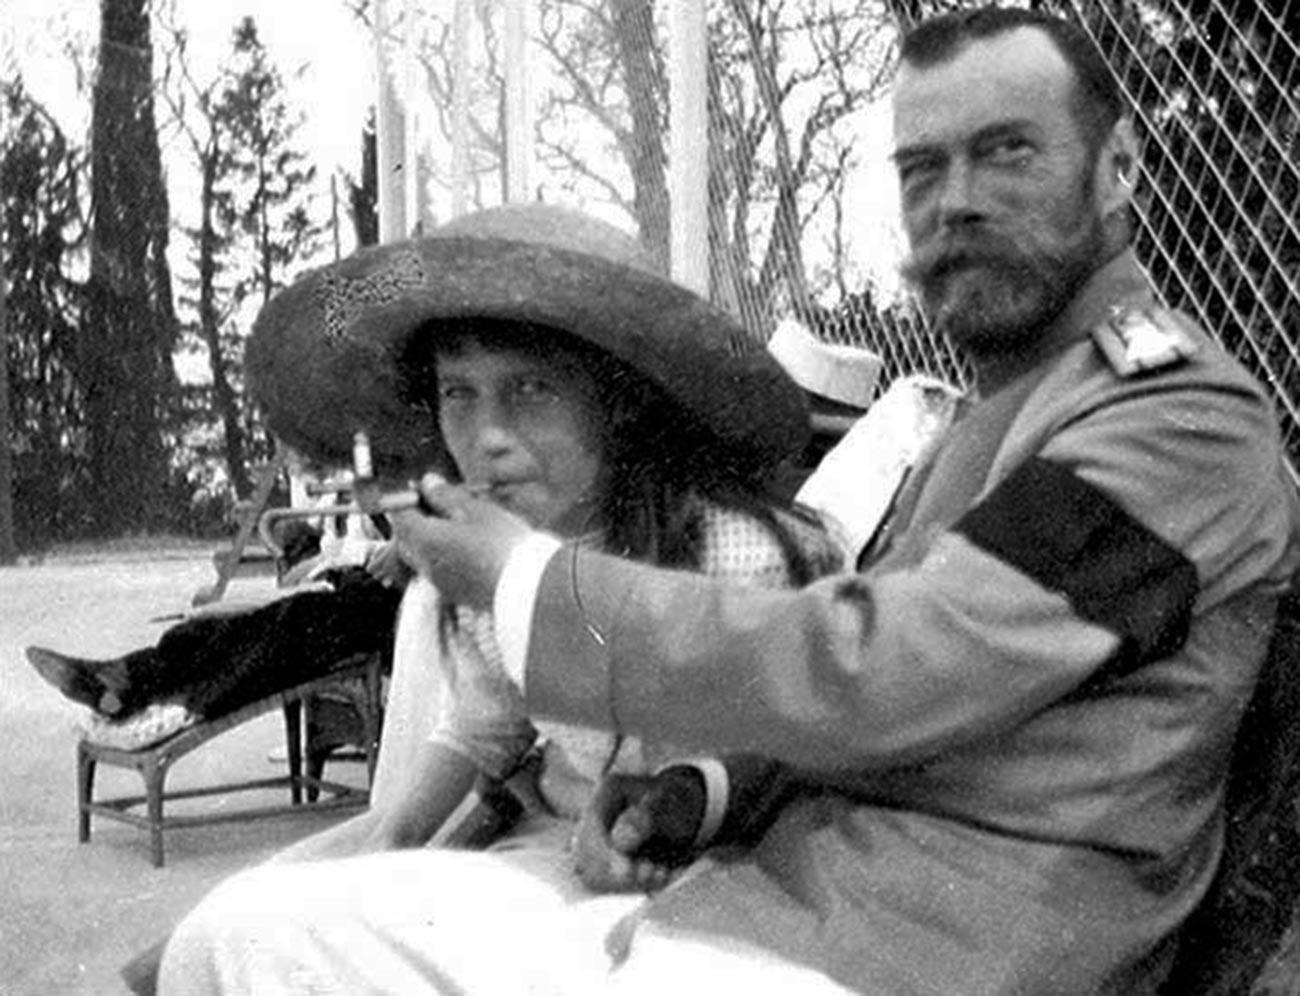 Lo zar Nicola II offre alla figlia Anastasia un tiro dal suo bocchino per sigarette